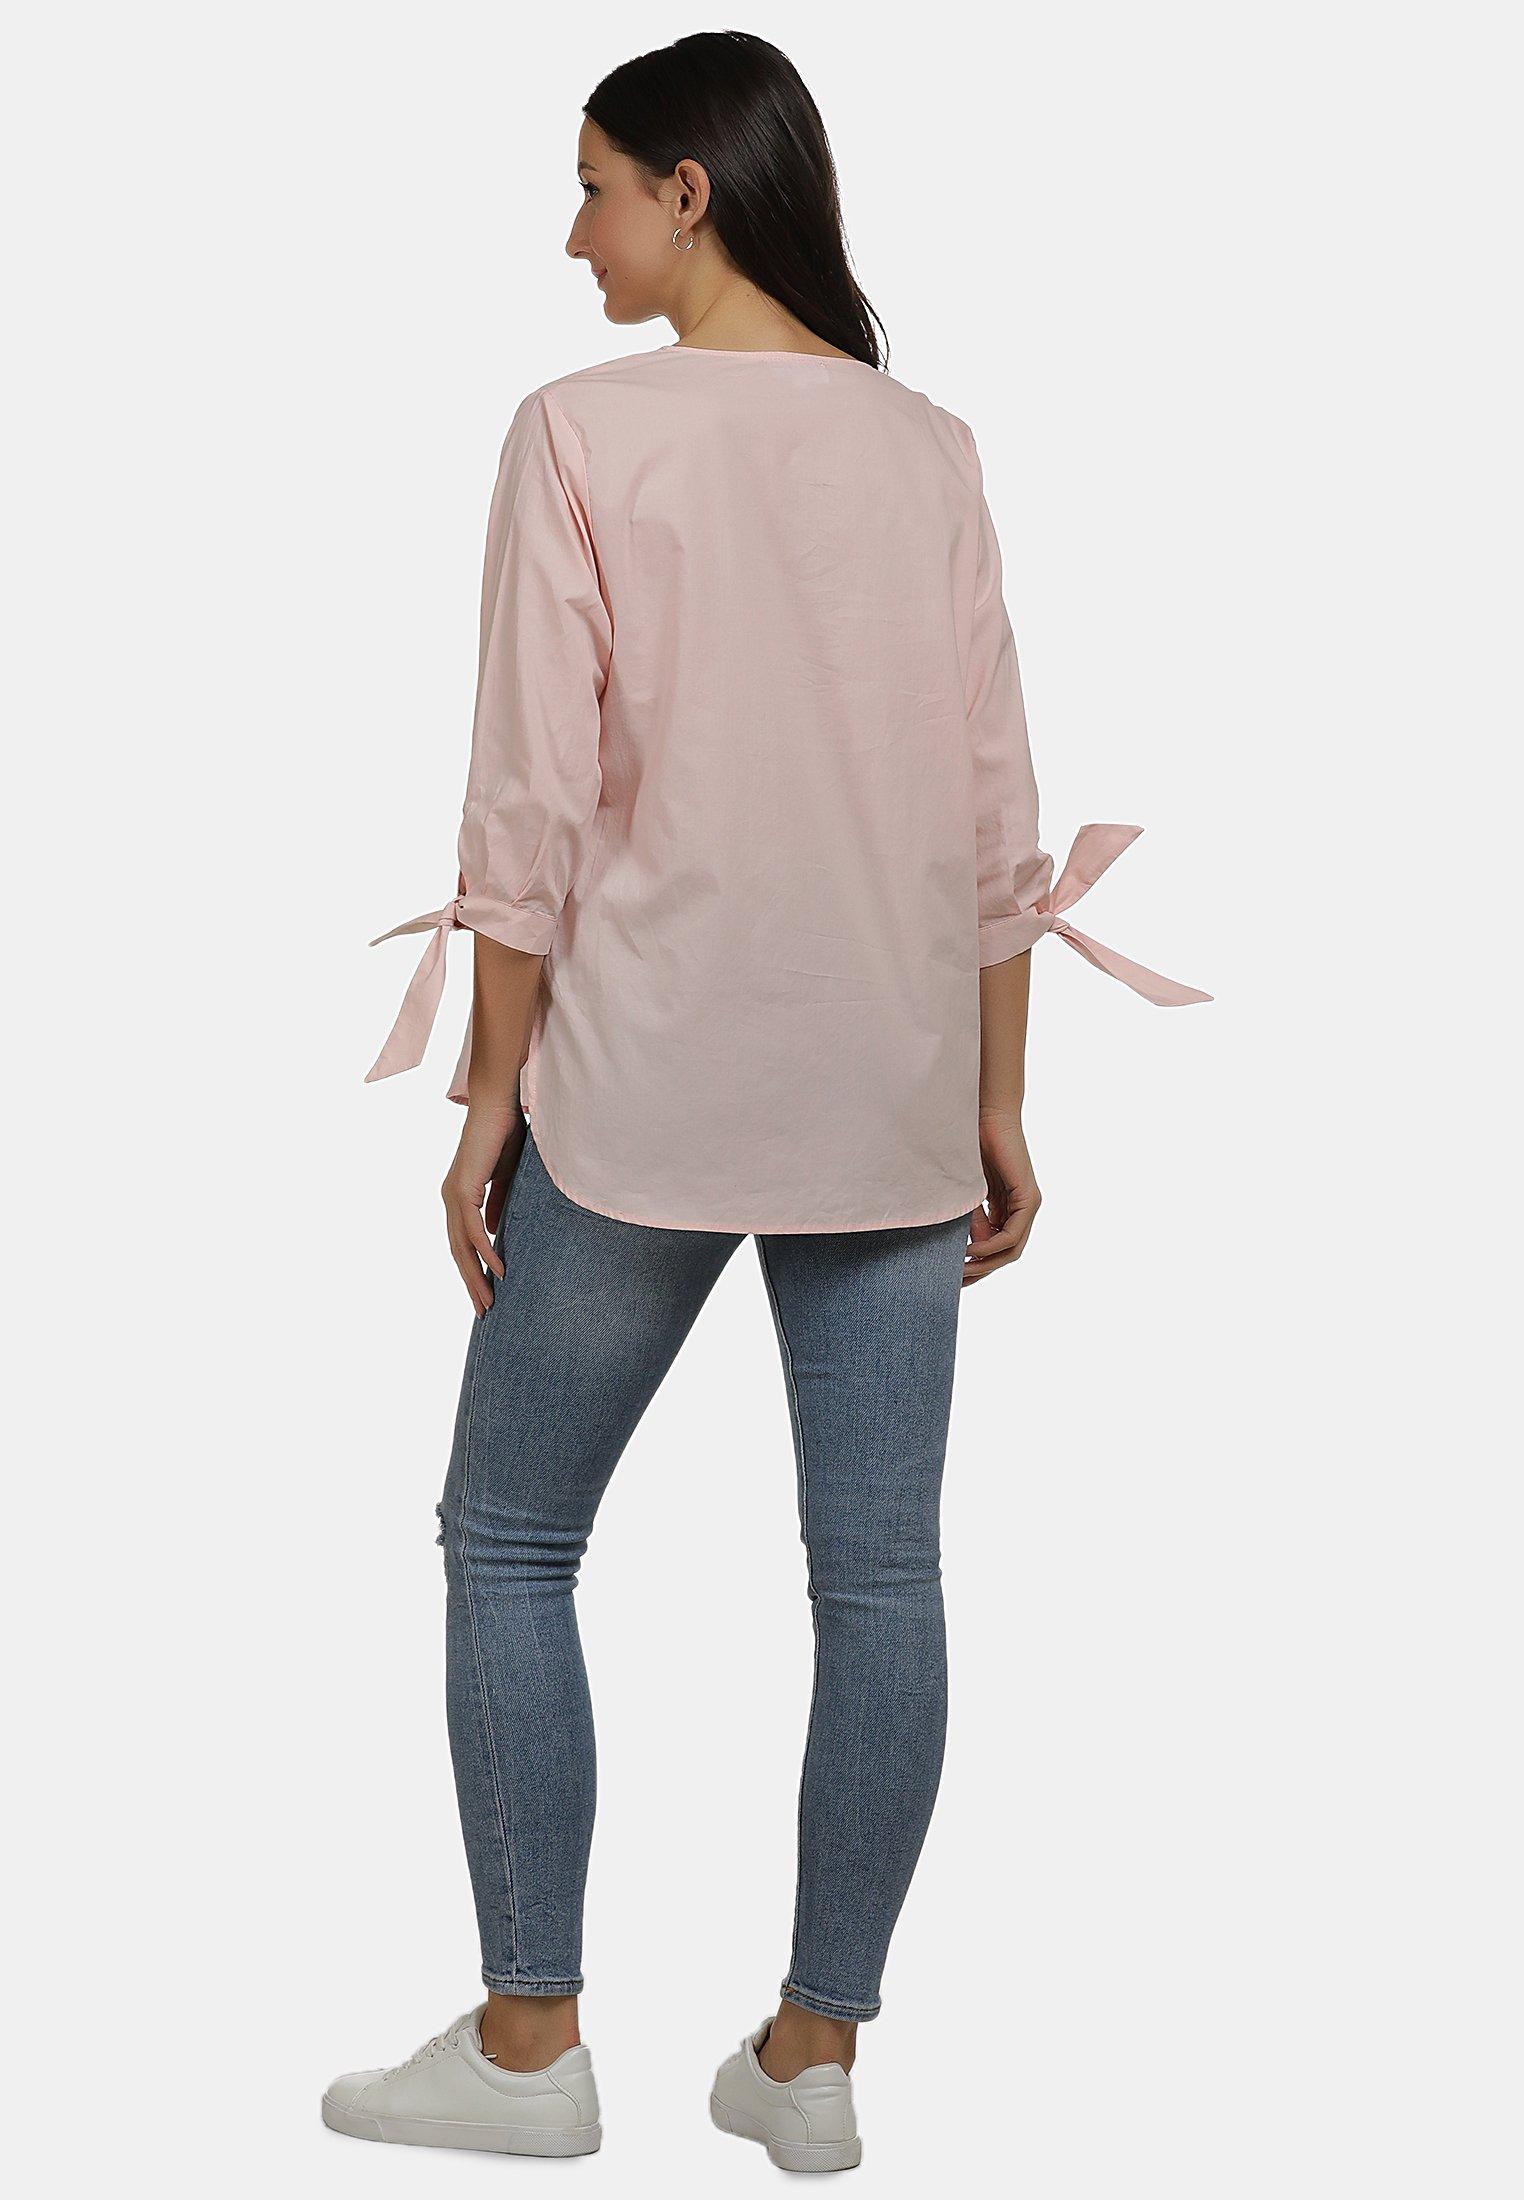 Fashion Style Women's Clothing usha BLUSE Blouse nude caBYT8TTf